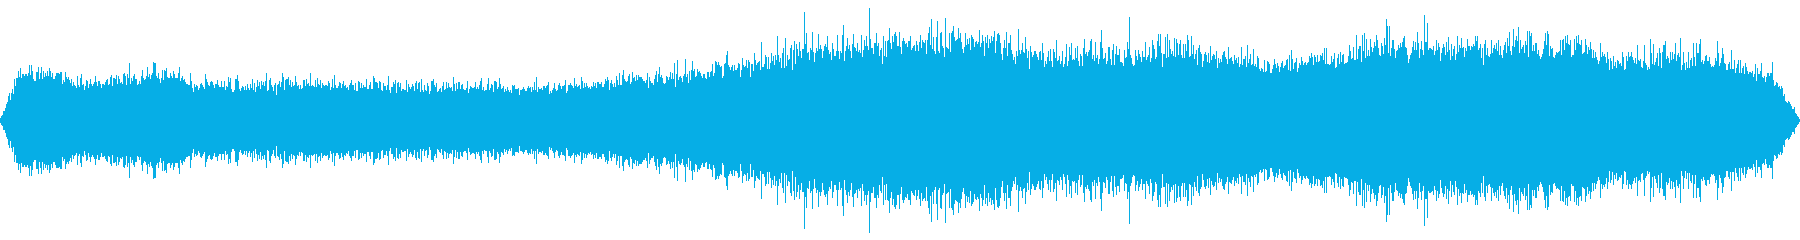 マウンテンウインド:ヘビーガッツ、...の再生済みの波形